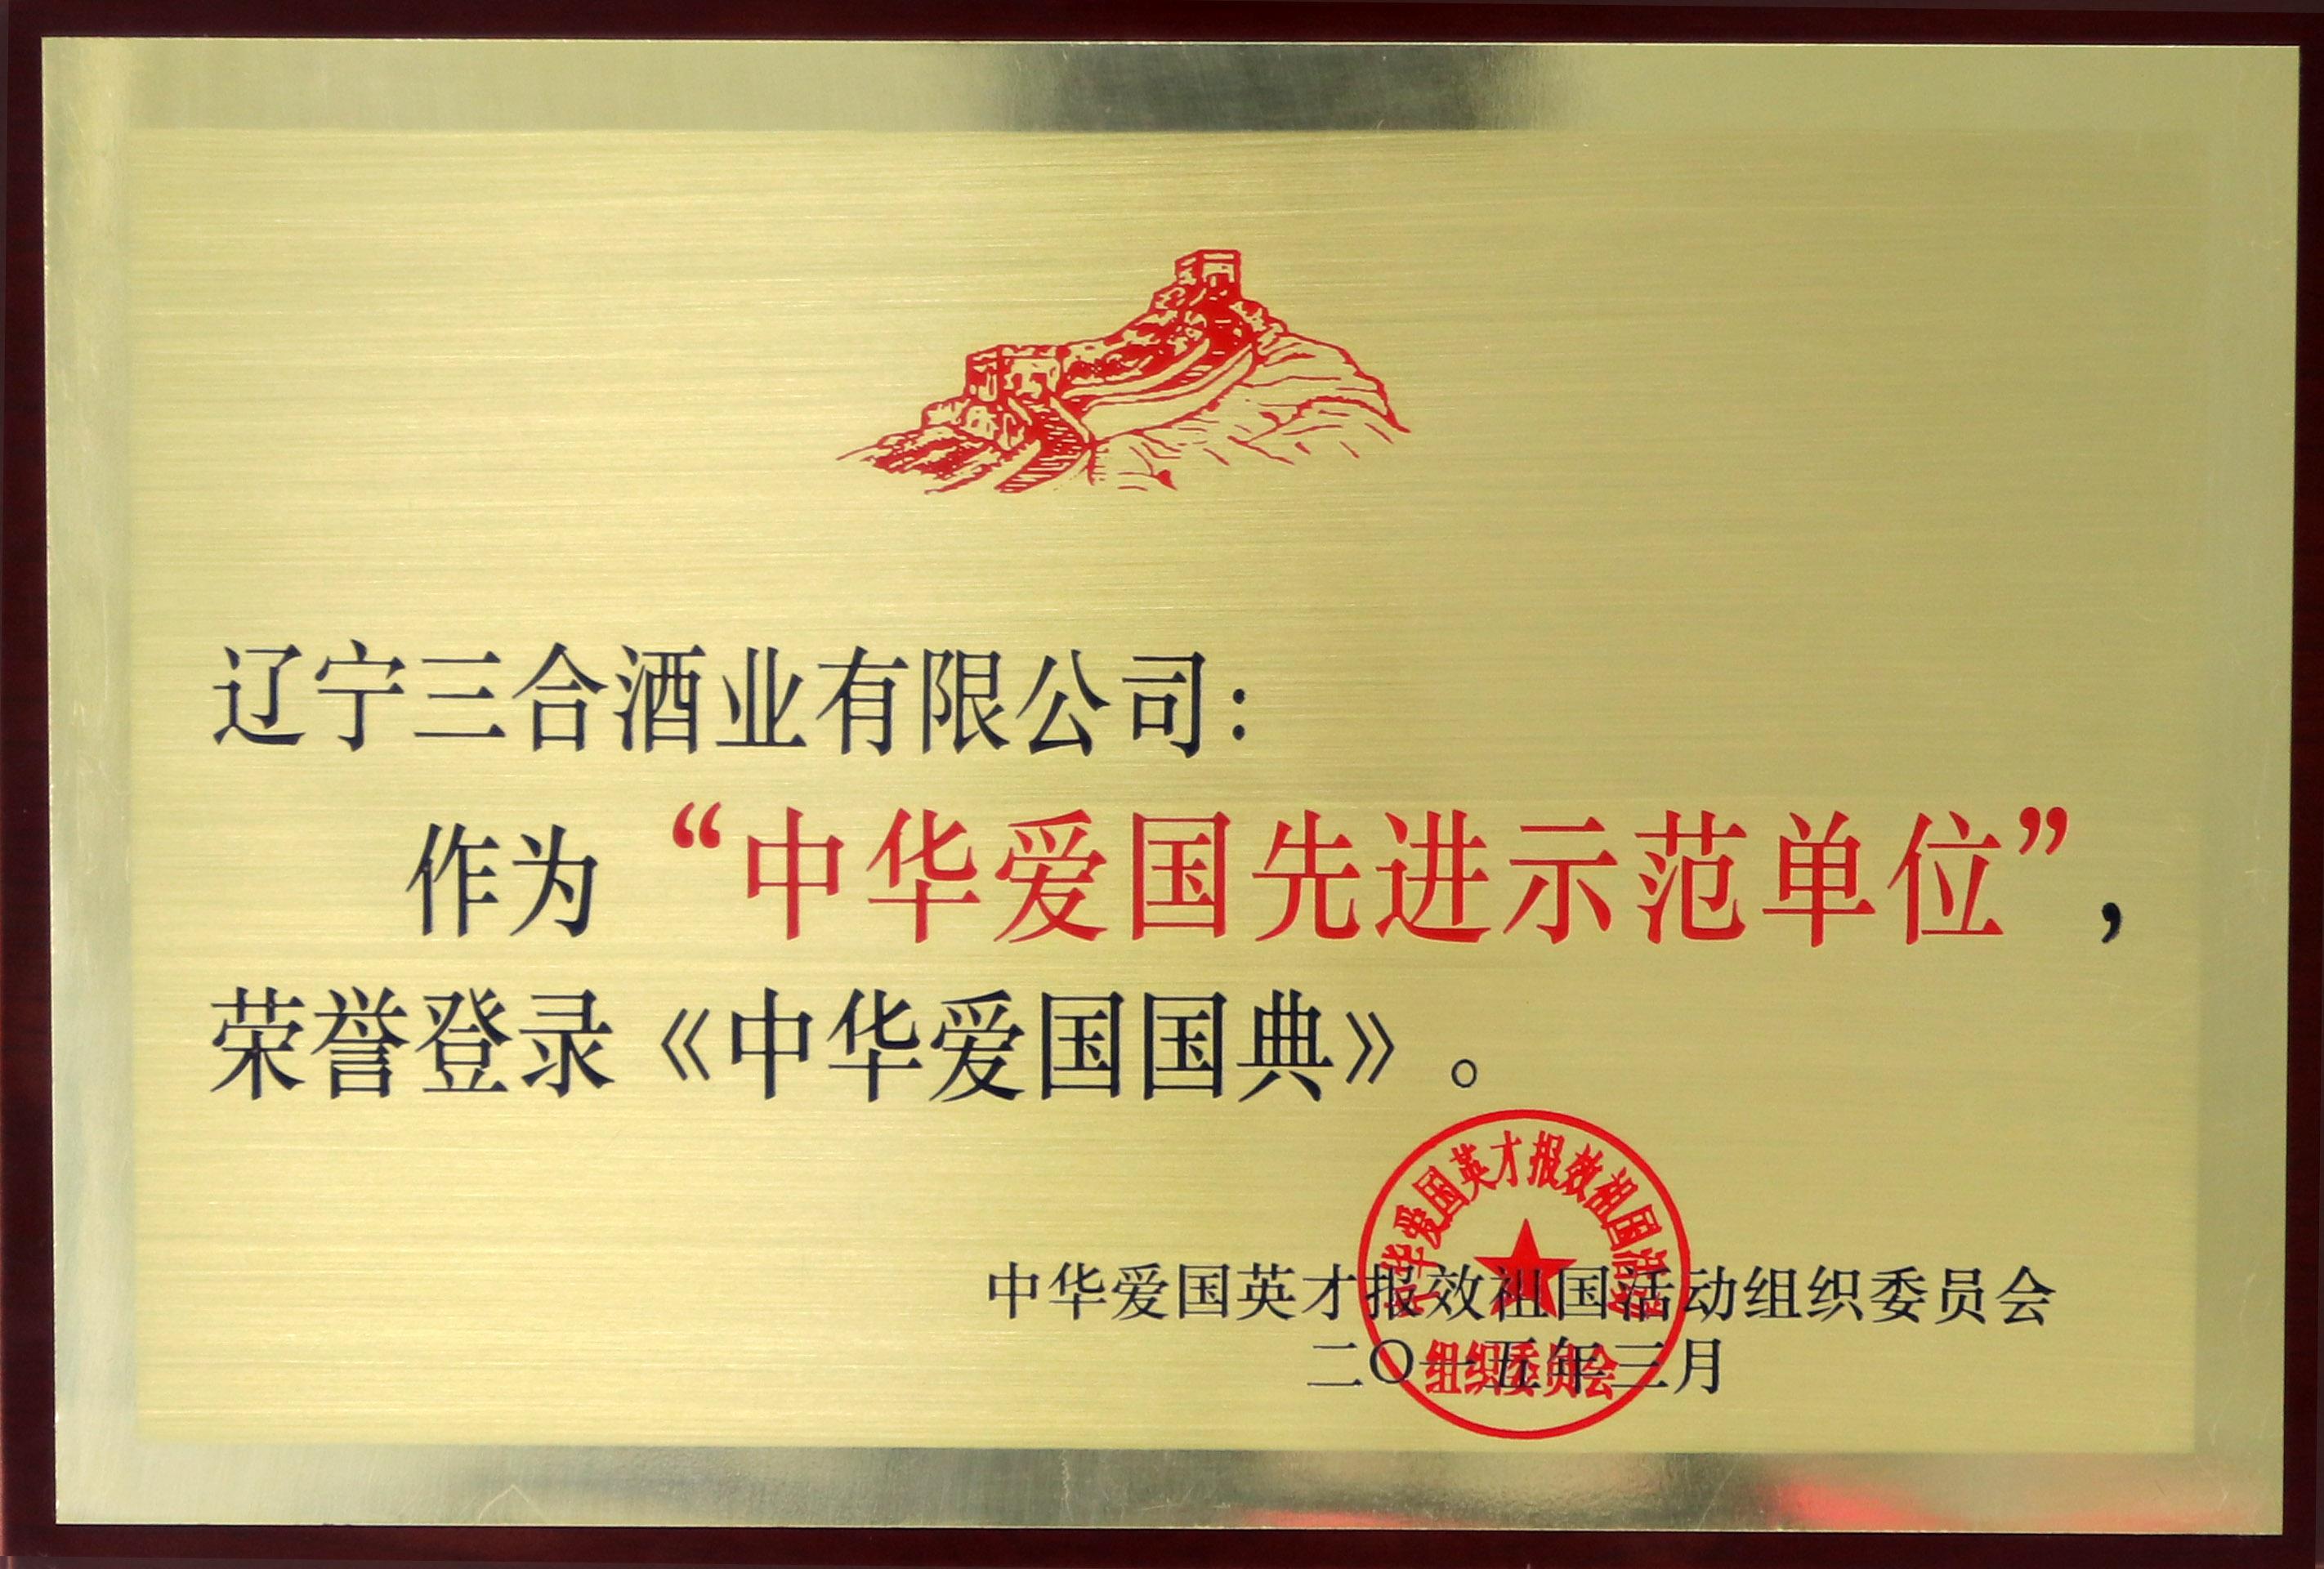 <span><span><span>中国最具影响力民族品牌</span></span></span>